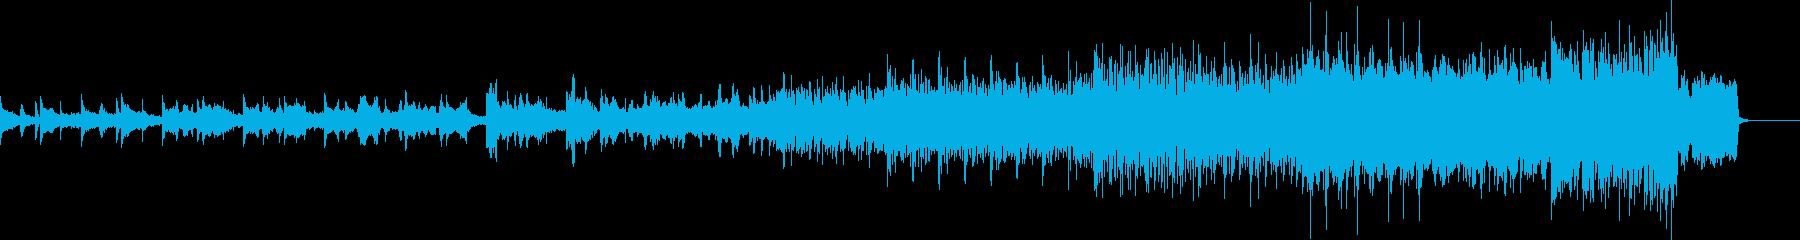 ヴァイオリンと琴と三味線と和太鼓の再生済みの波形